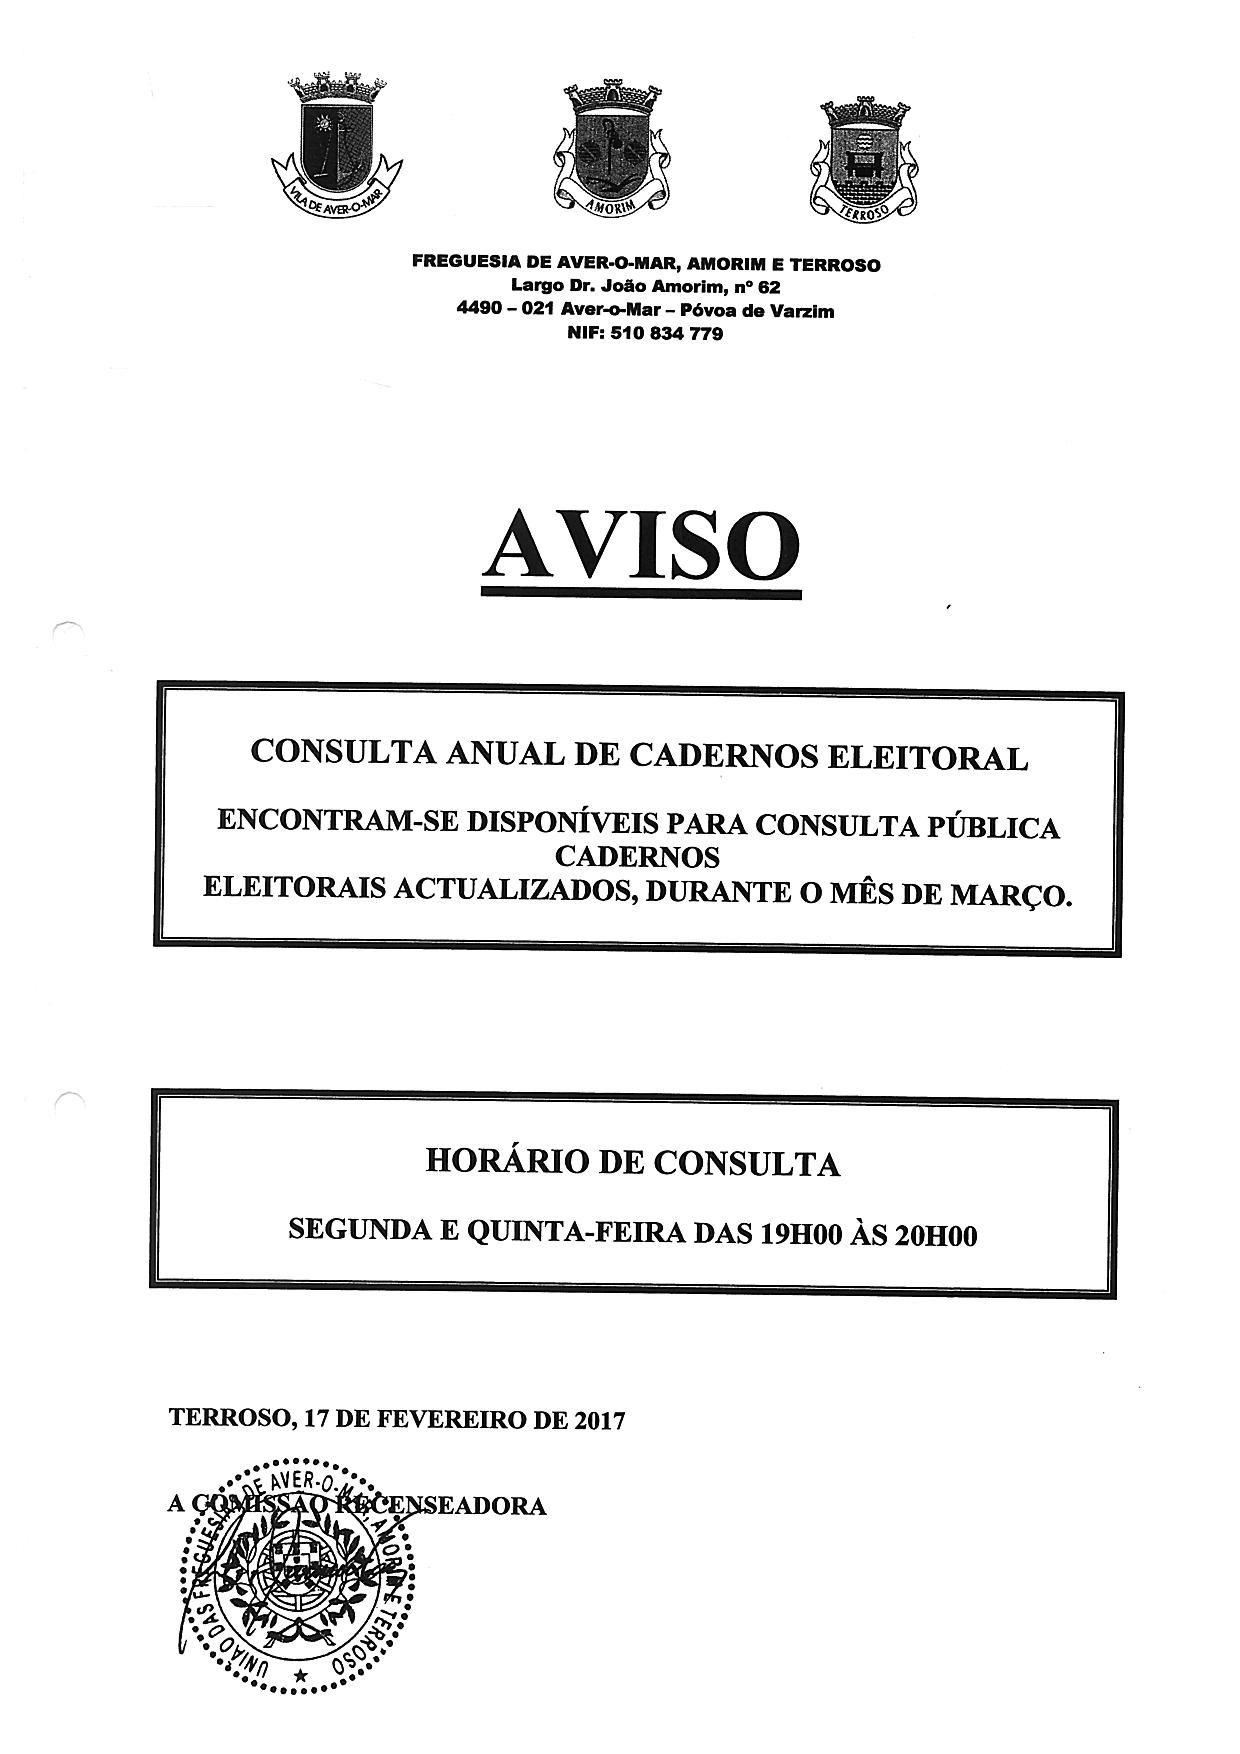 Consulta de Cadernos Eleitorais em Terroso